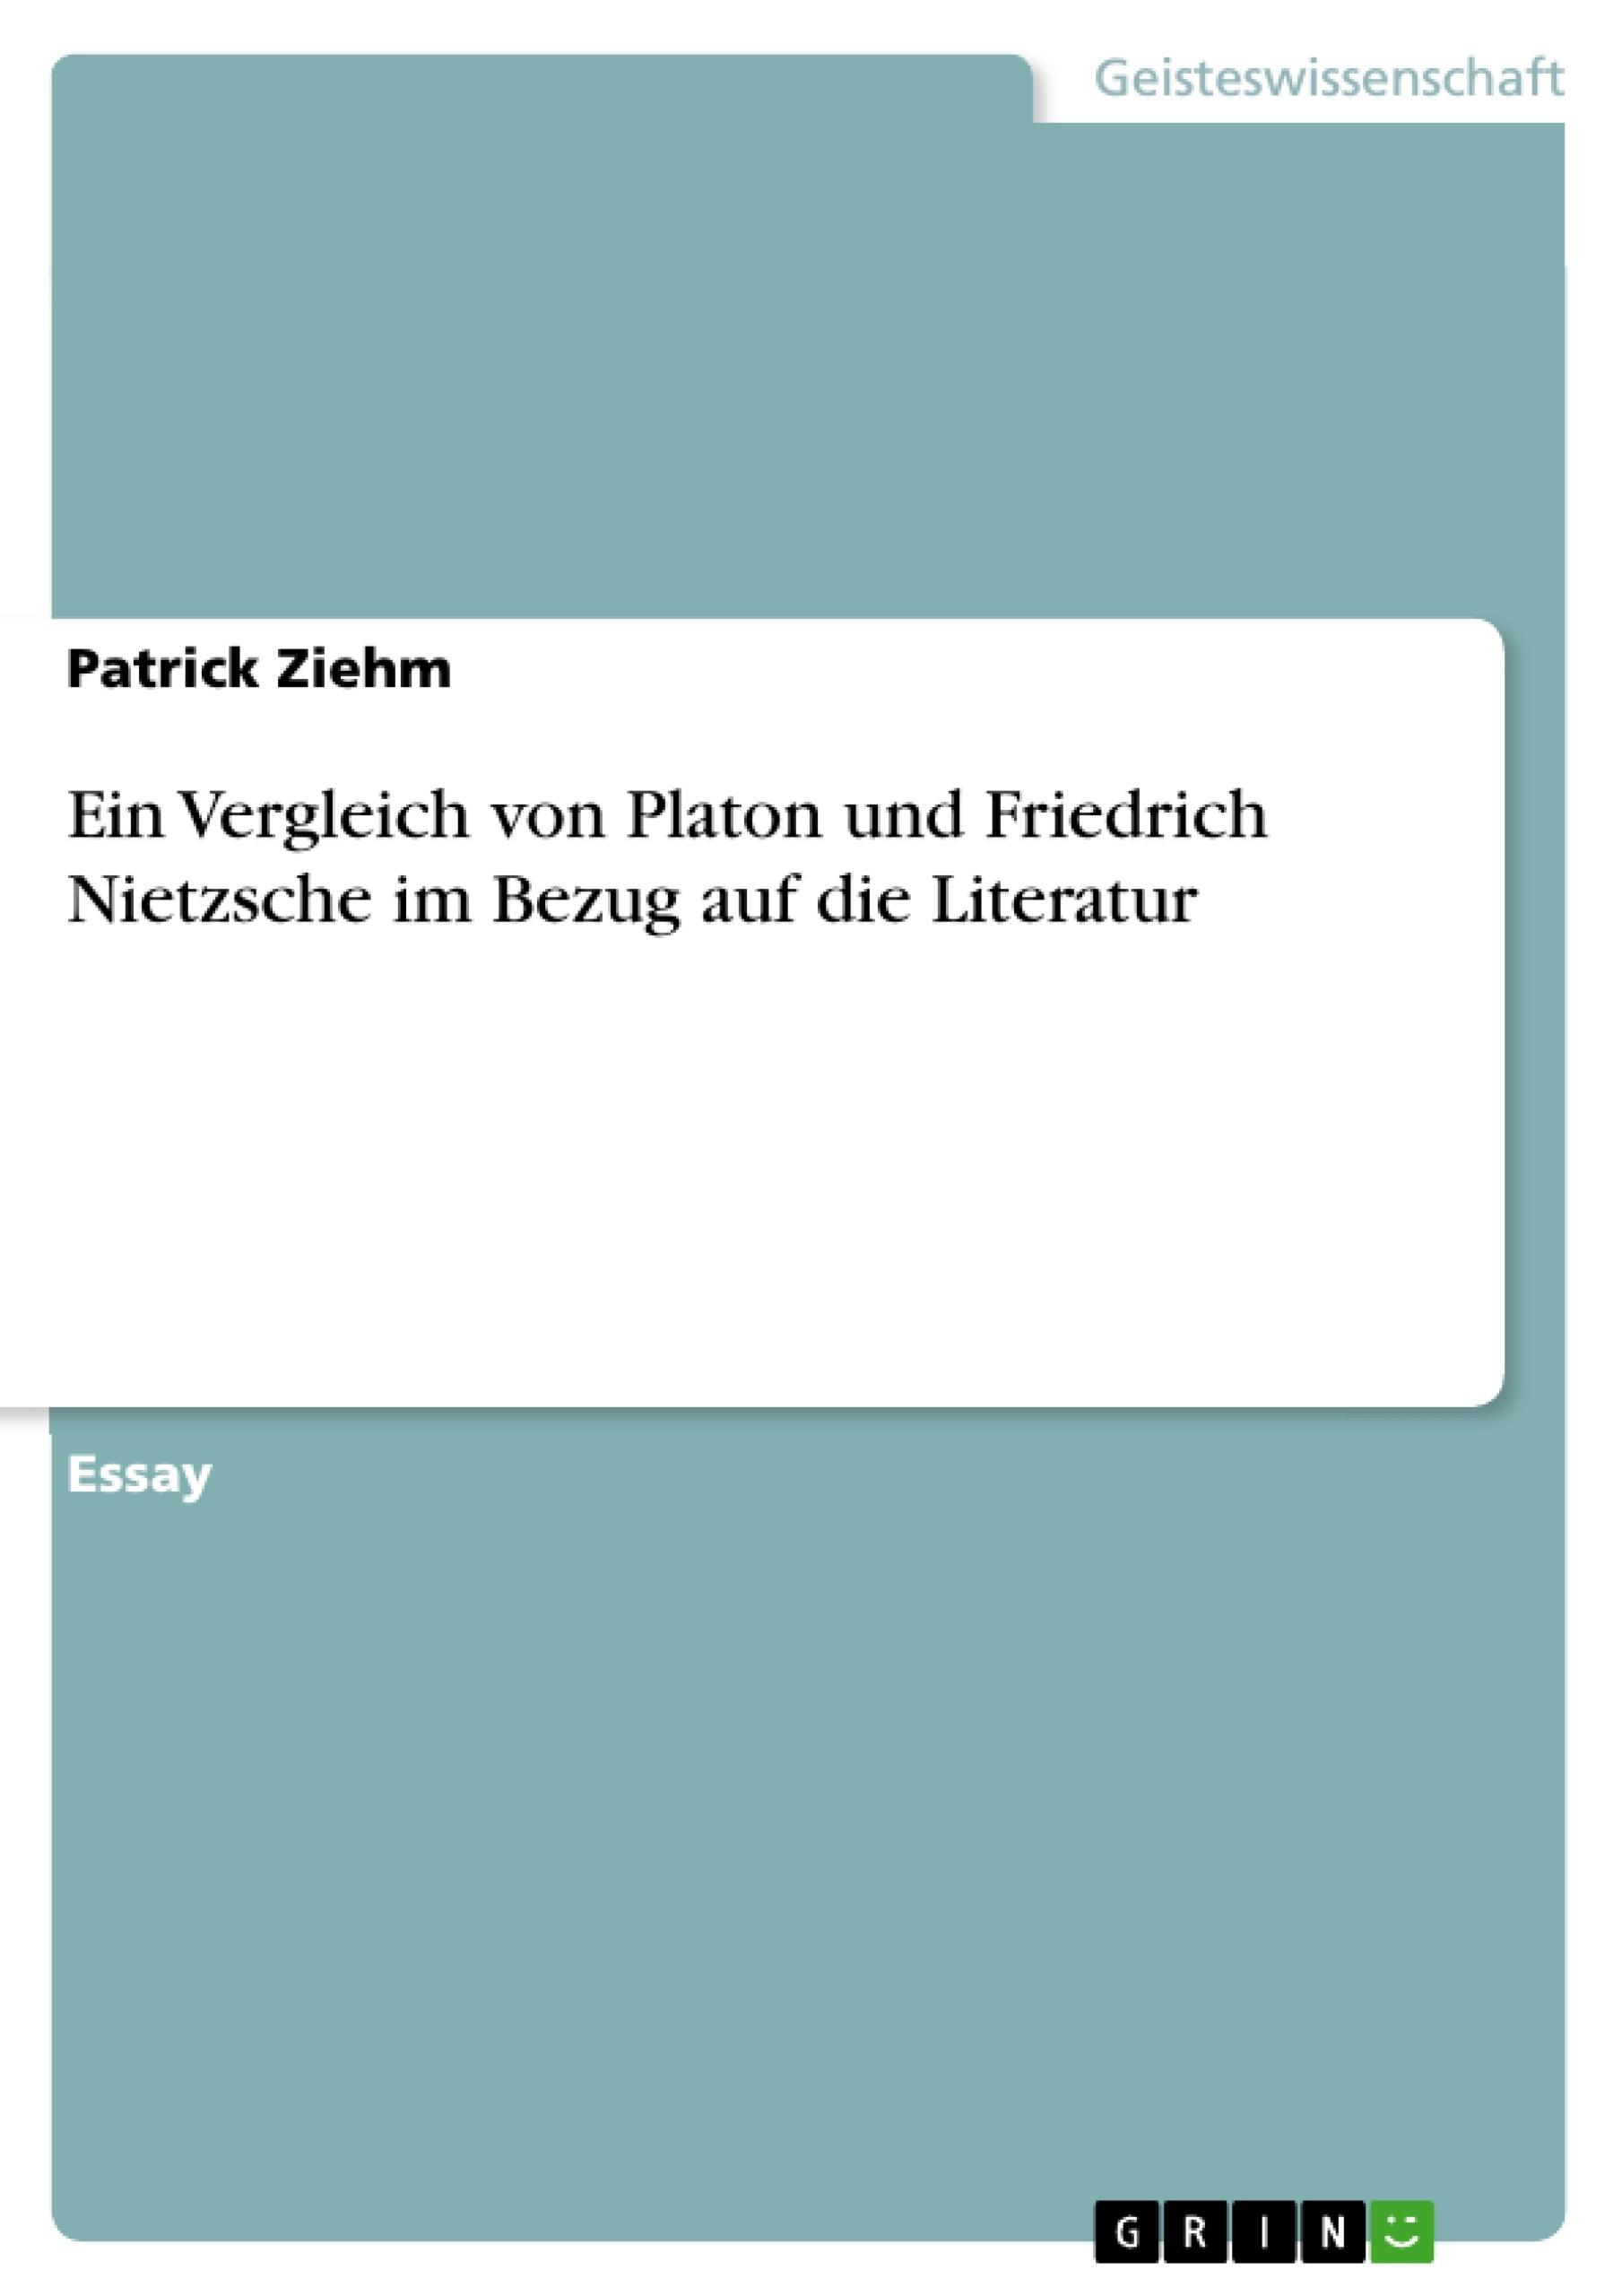 Titel: Ein Vergleich von Platon und Friedrich Nietzsche im Bezug auf die Literatur